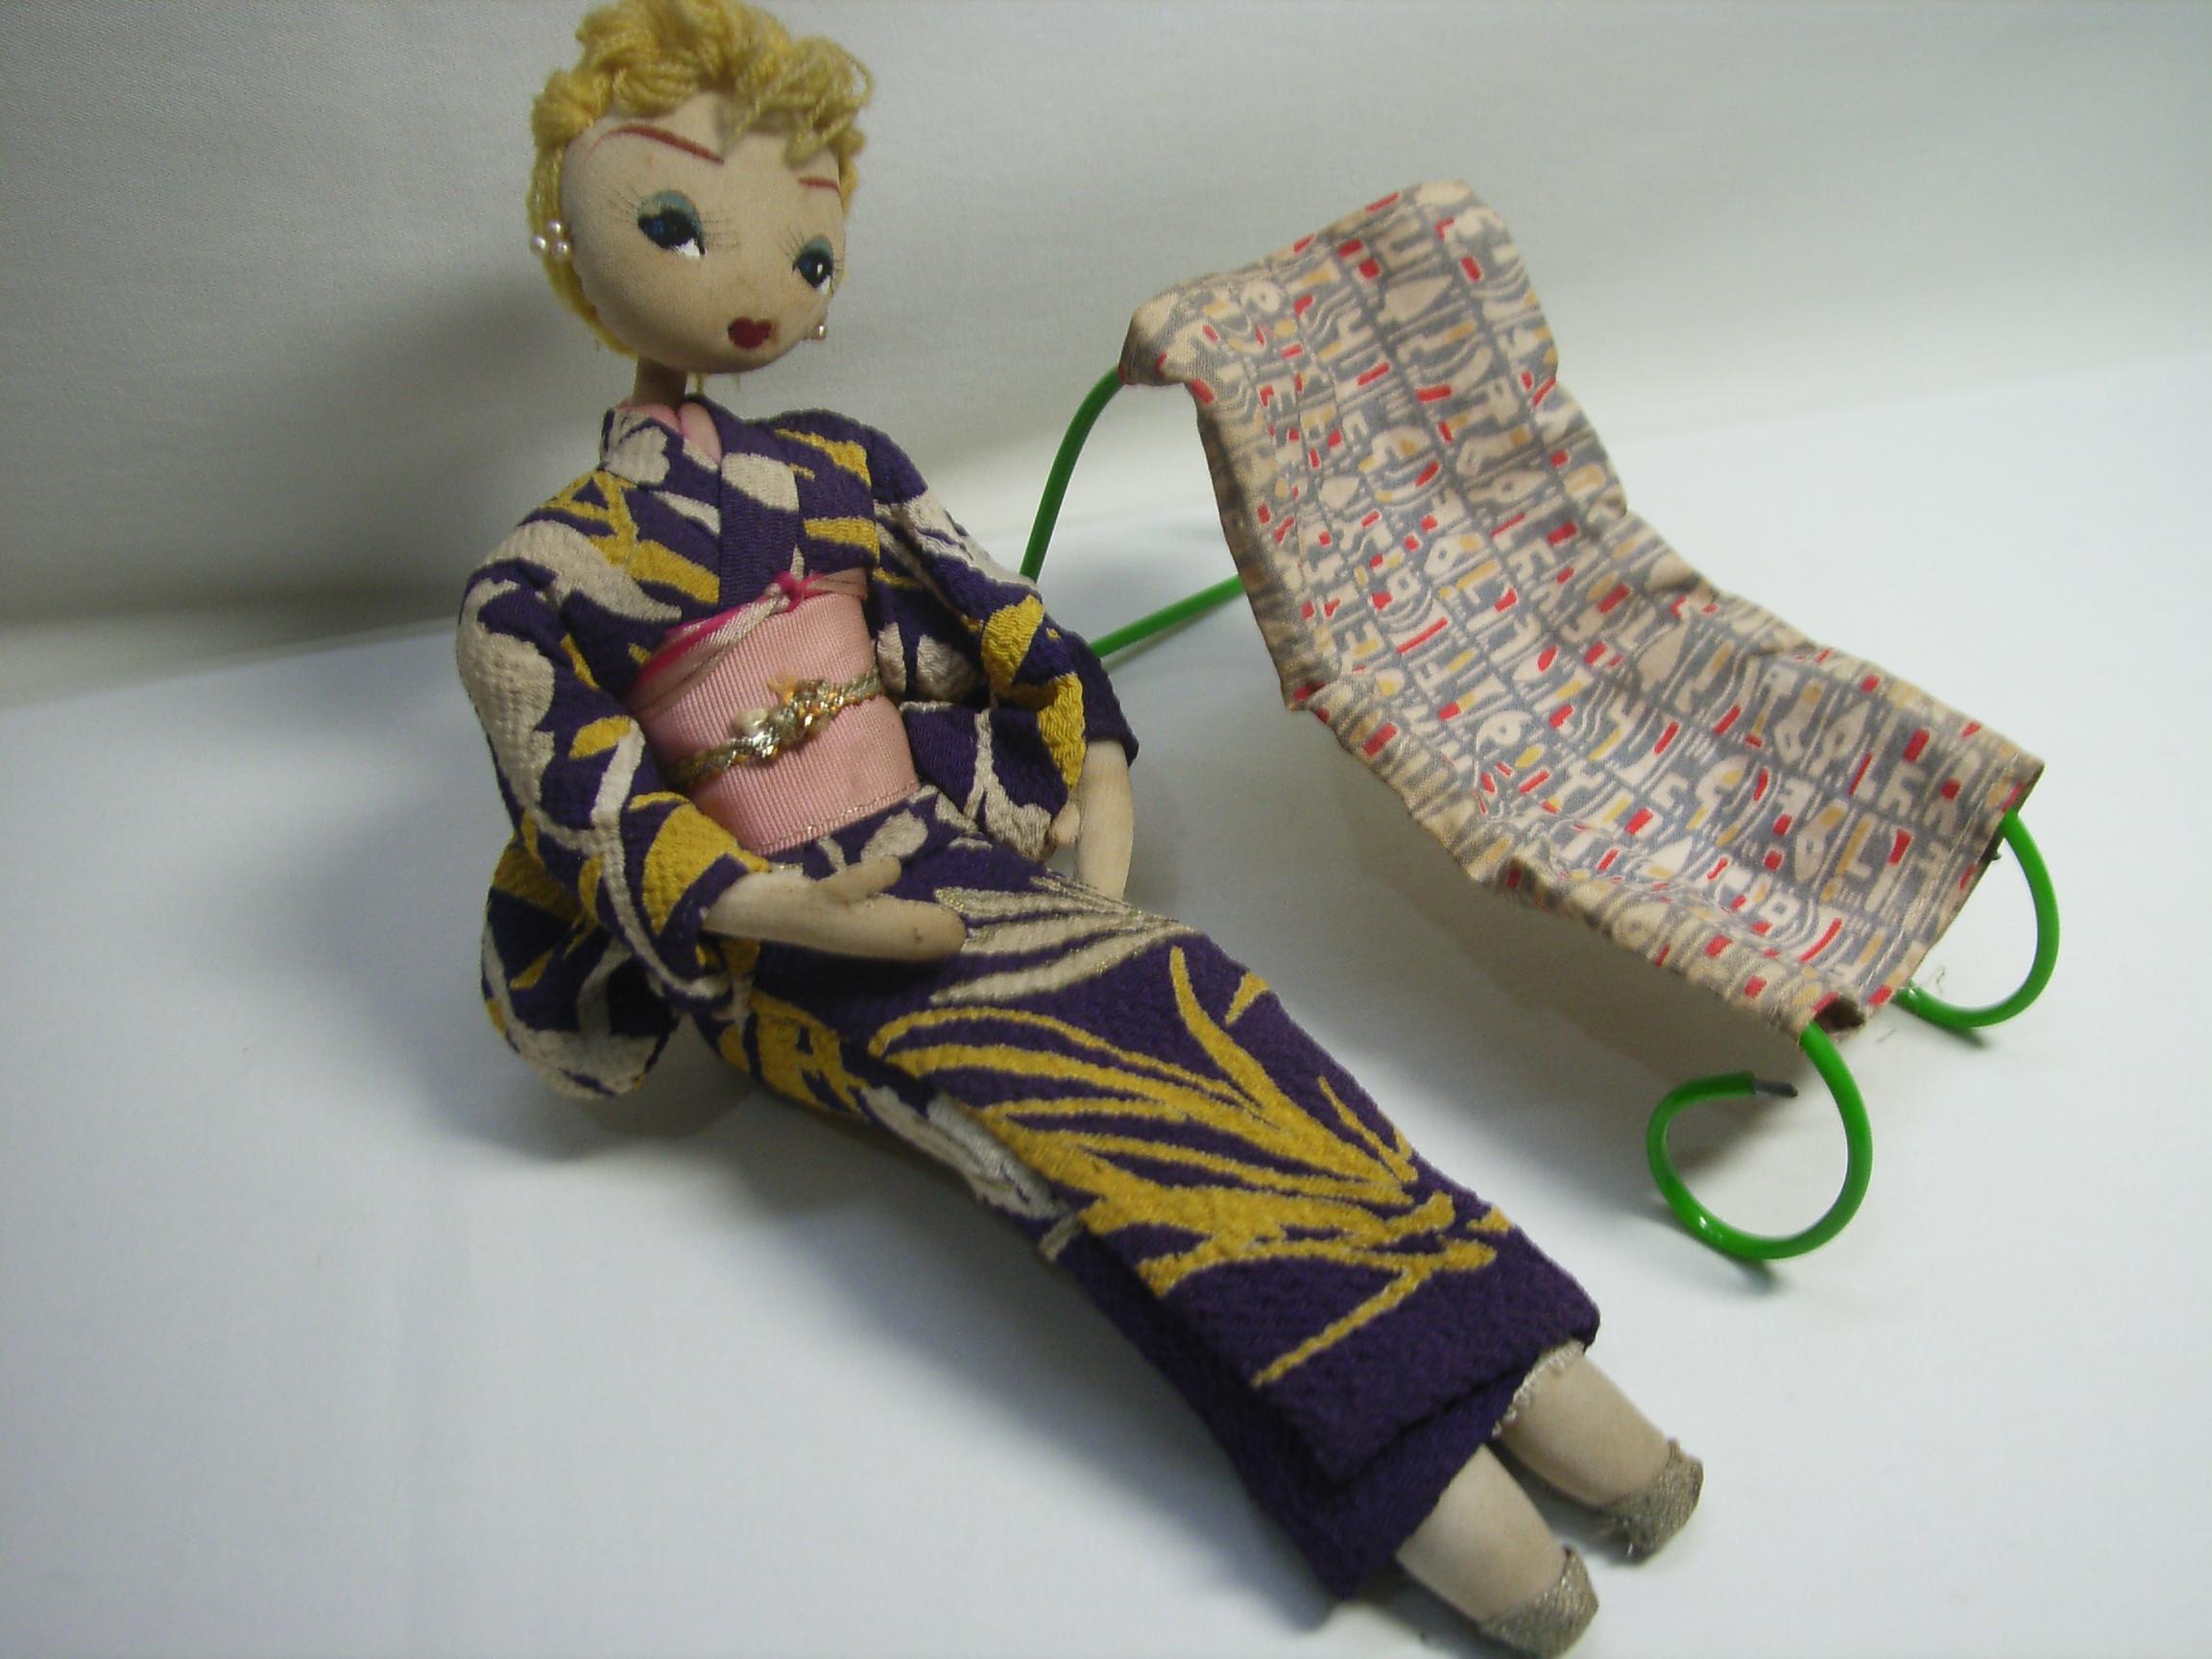 昭和レトロ 人形 横たわる チェアー 着物 女性 23.5cm 当時物 現状 【AJ1128】